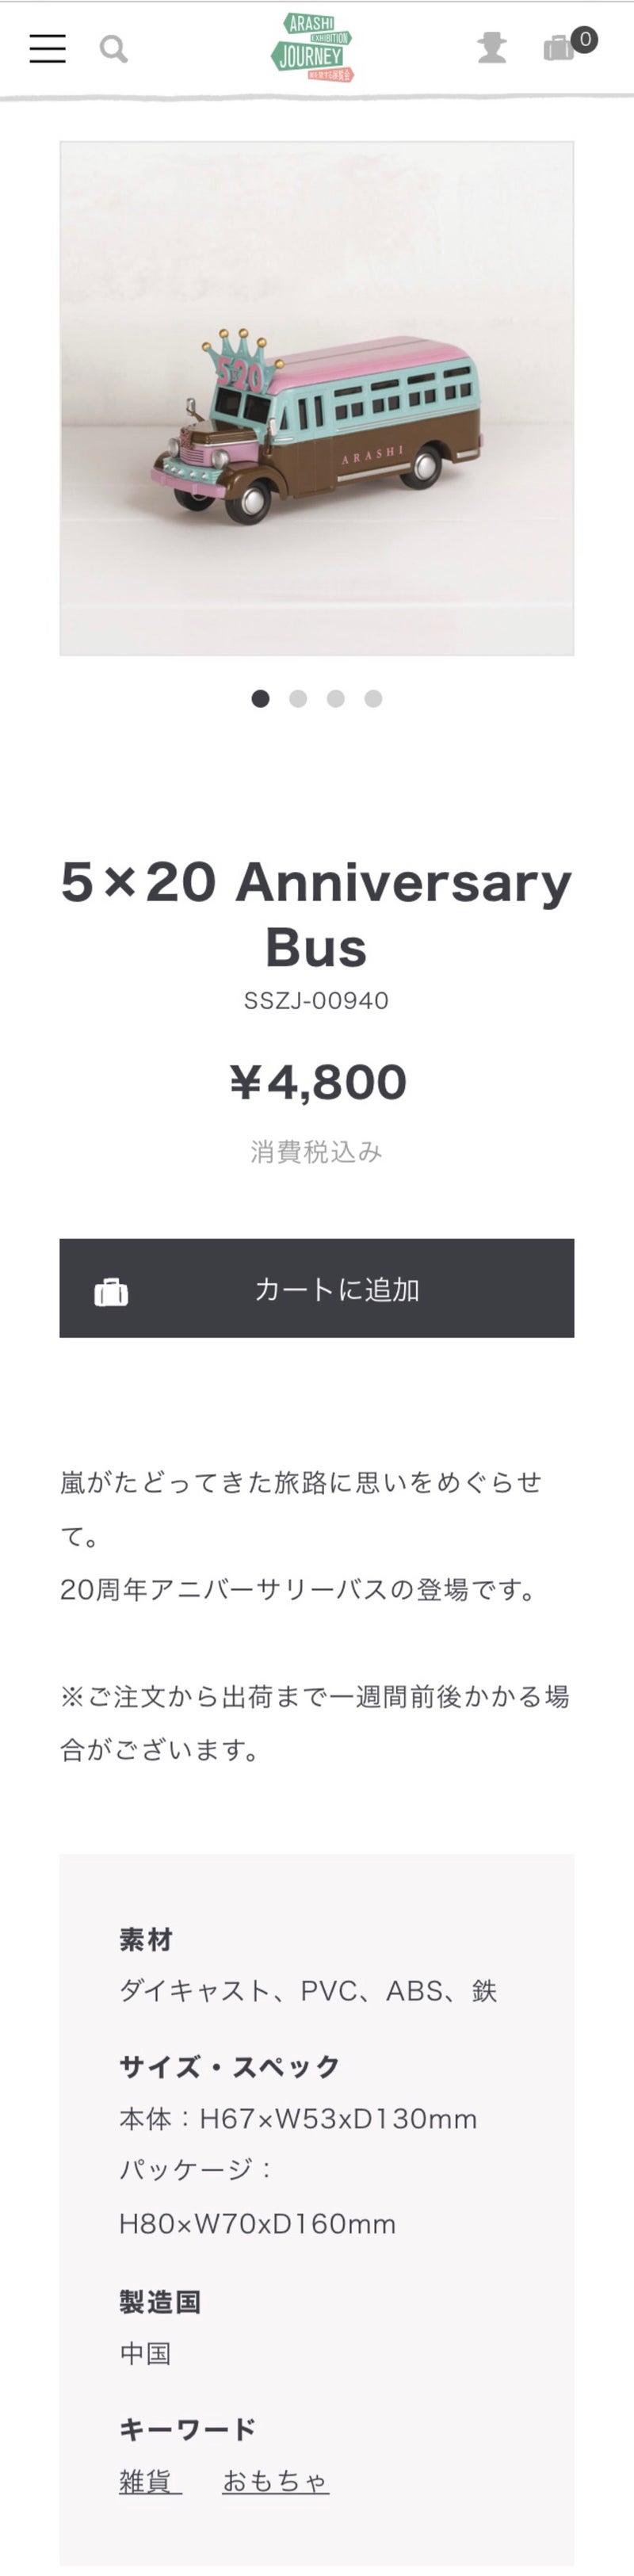 櫻井 翔 ブログ さくら っ くま